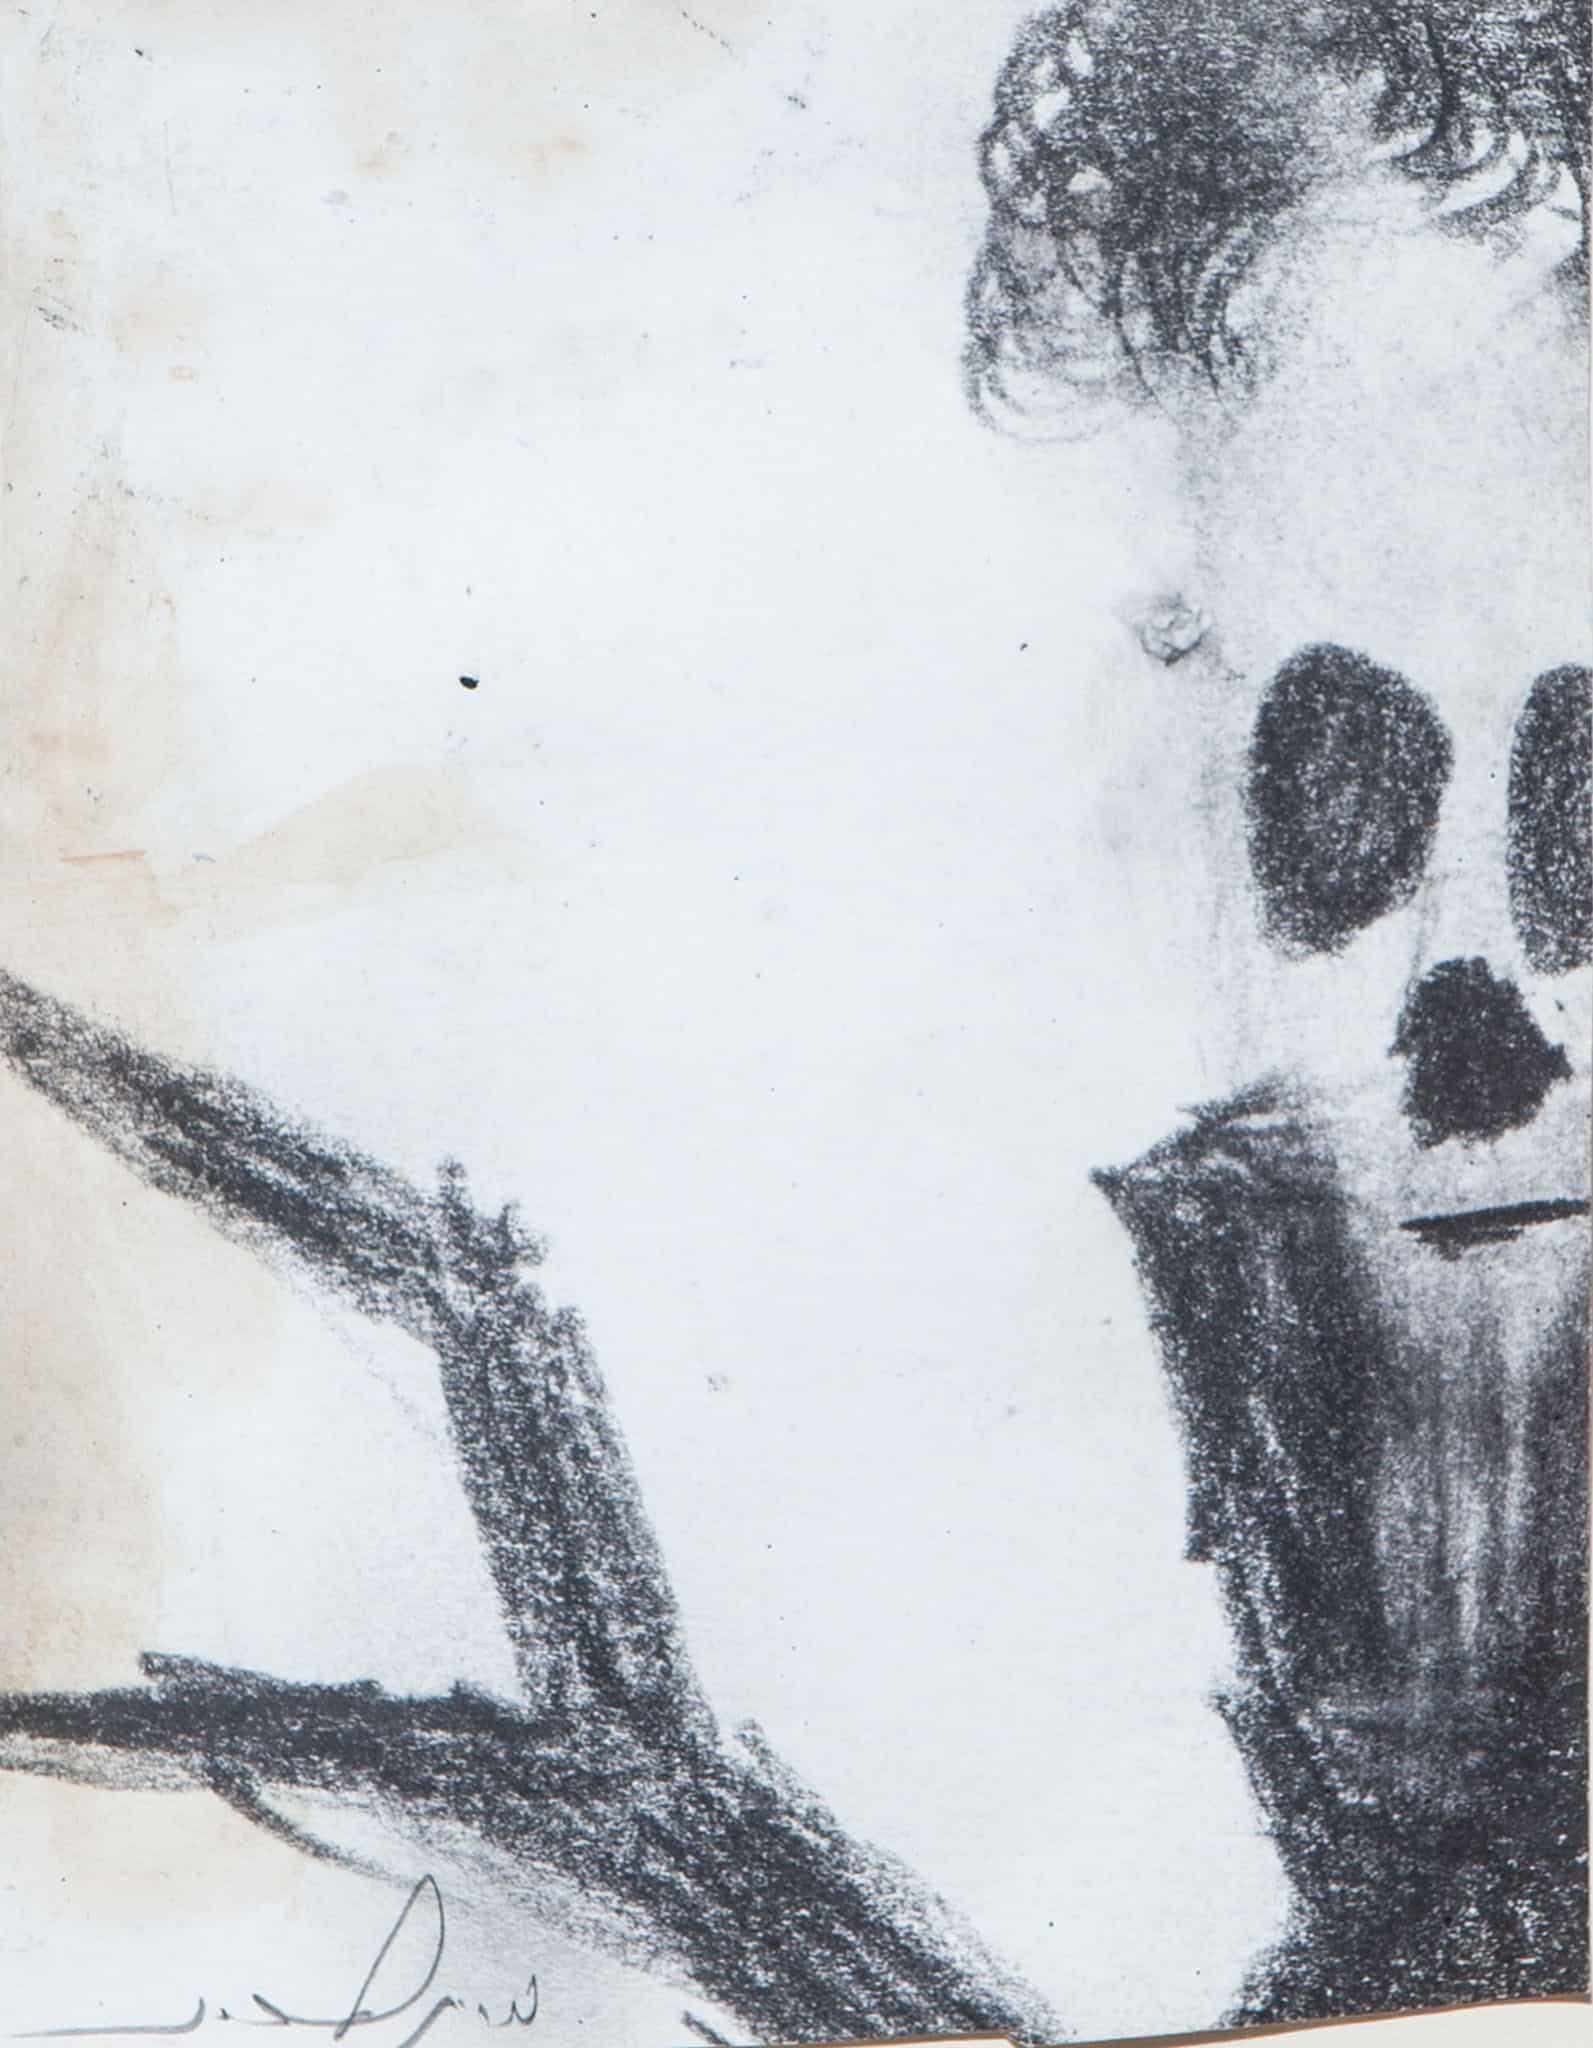 """מריק לכנר, """"גולגולת"""", עיפרון על נייר, 24x18 ס""""מ"""